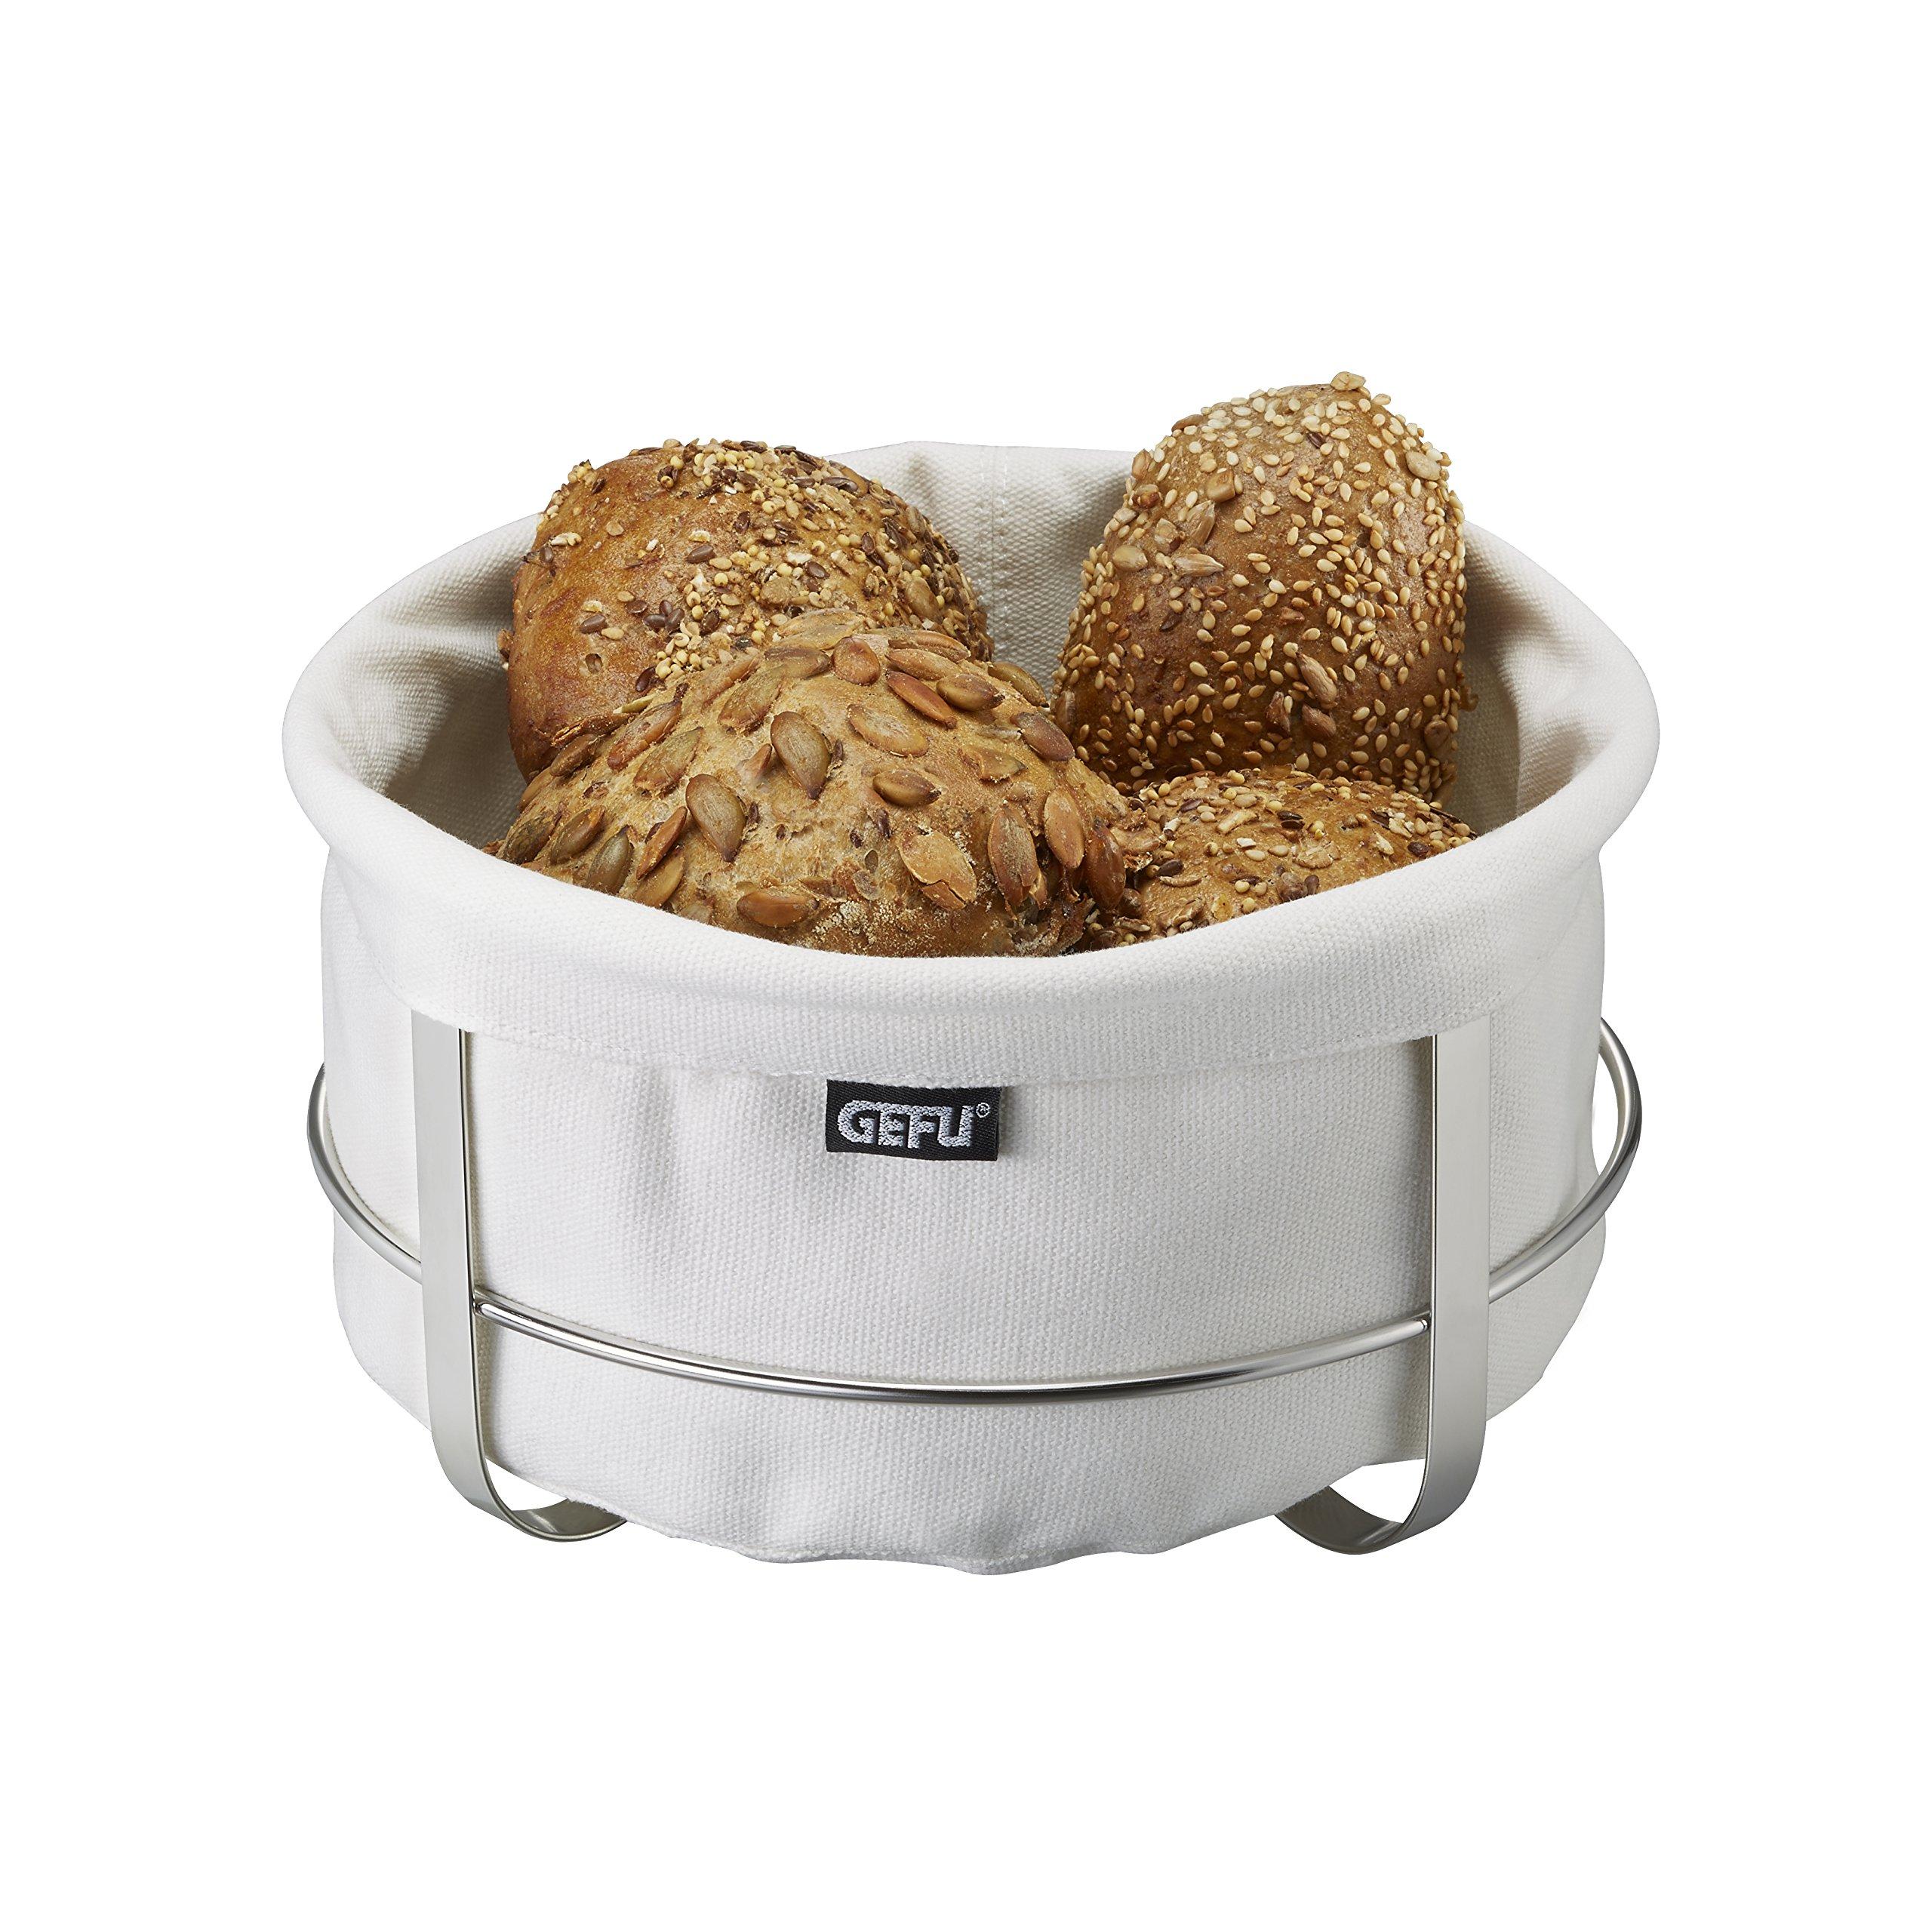 GEFU Bread Basket White